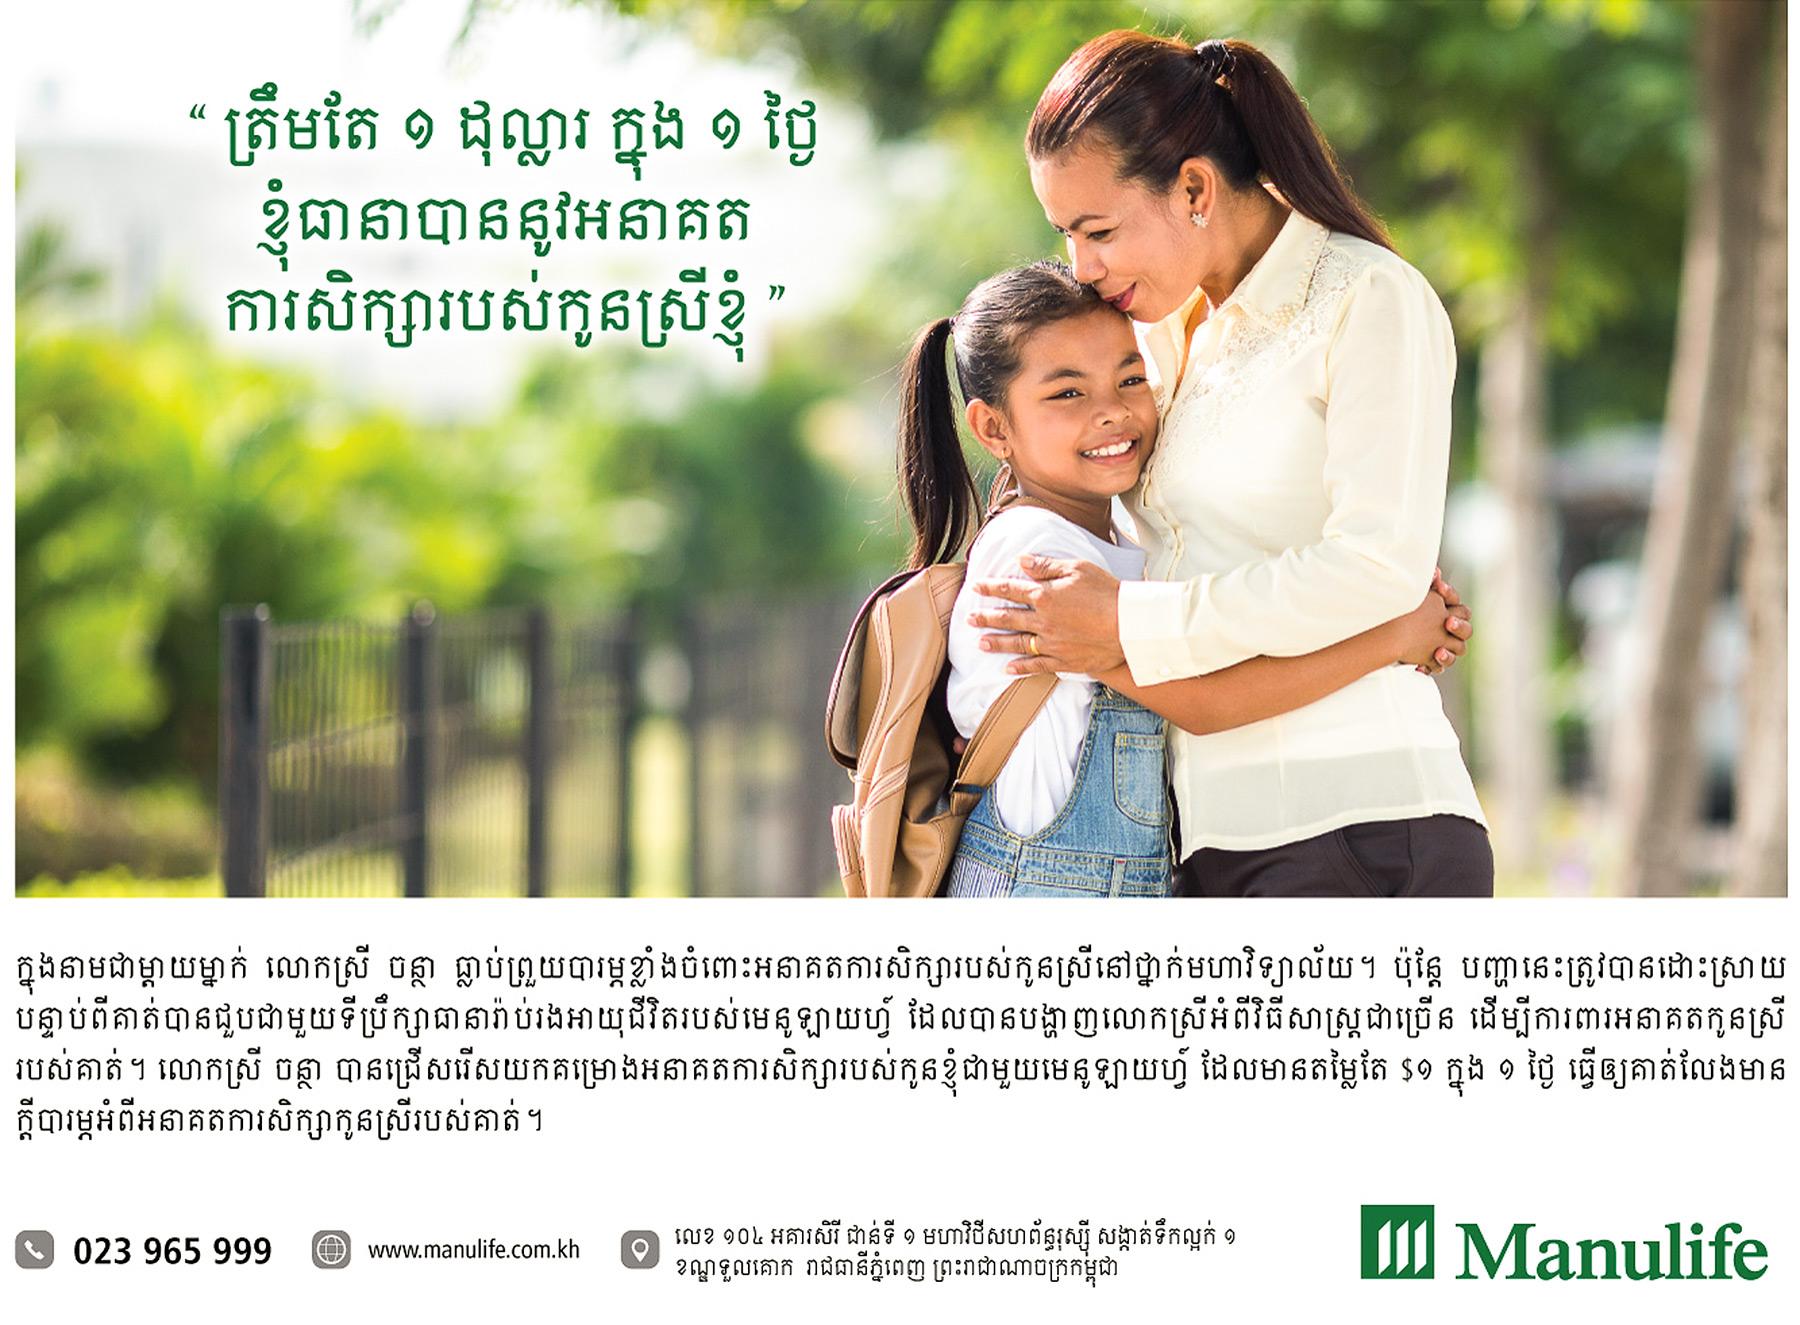 Manulife print ad.jpg